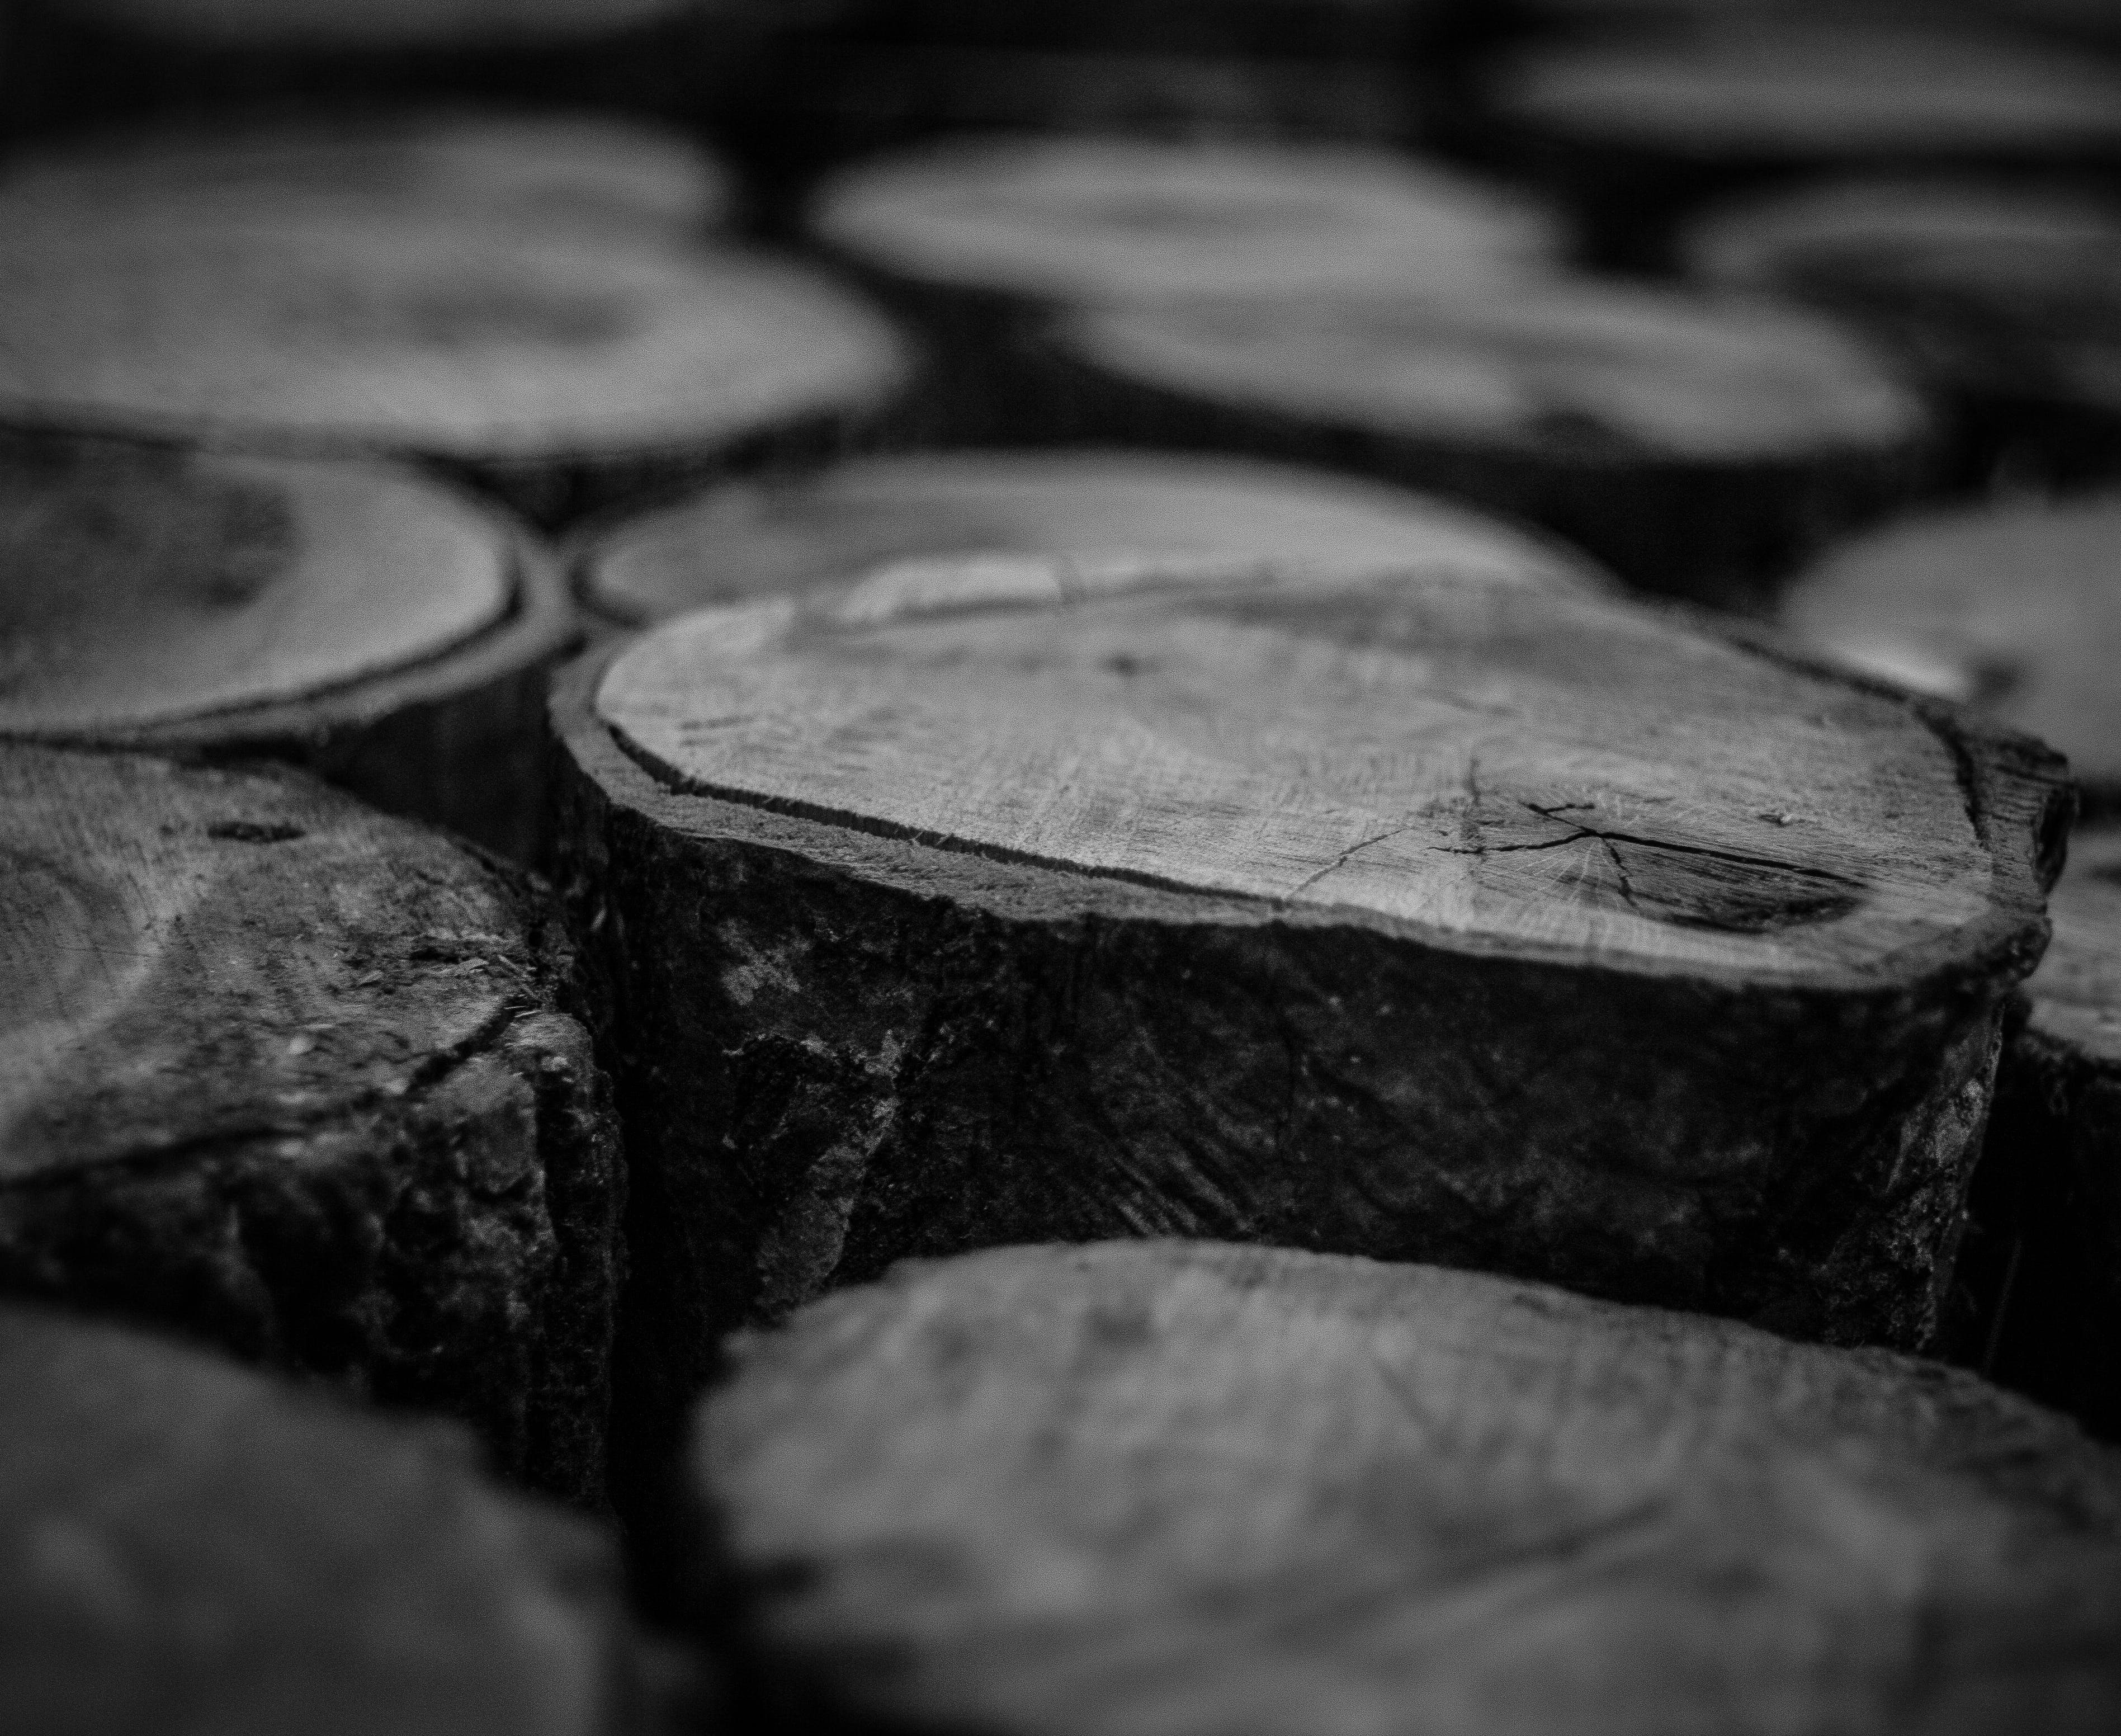 Δωρεάν στοκ φωτογραφιών με αρχεία καταγραφής, γκρο πλαν, κούτσουρα, ξύλινος